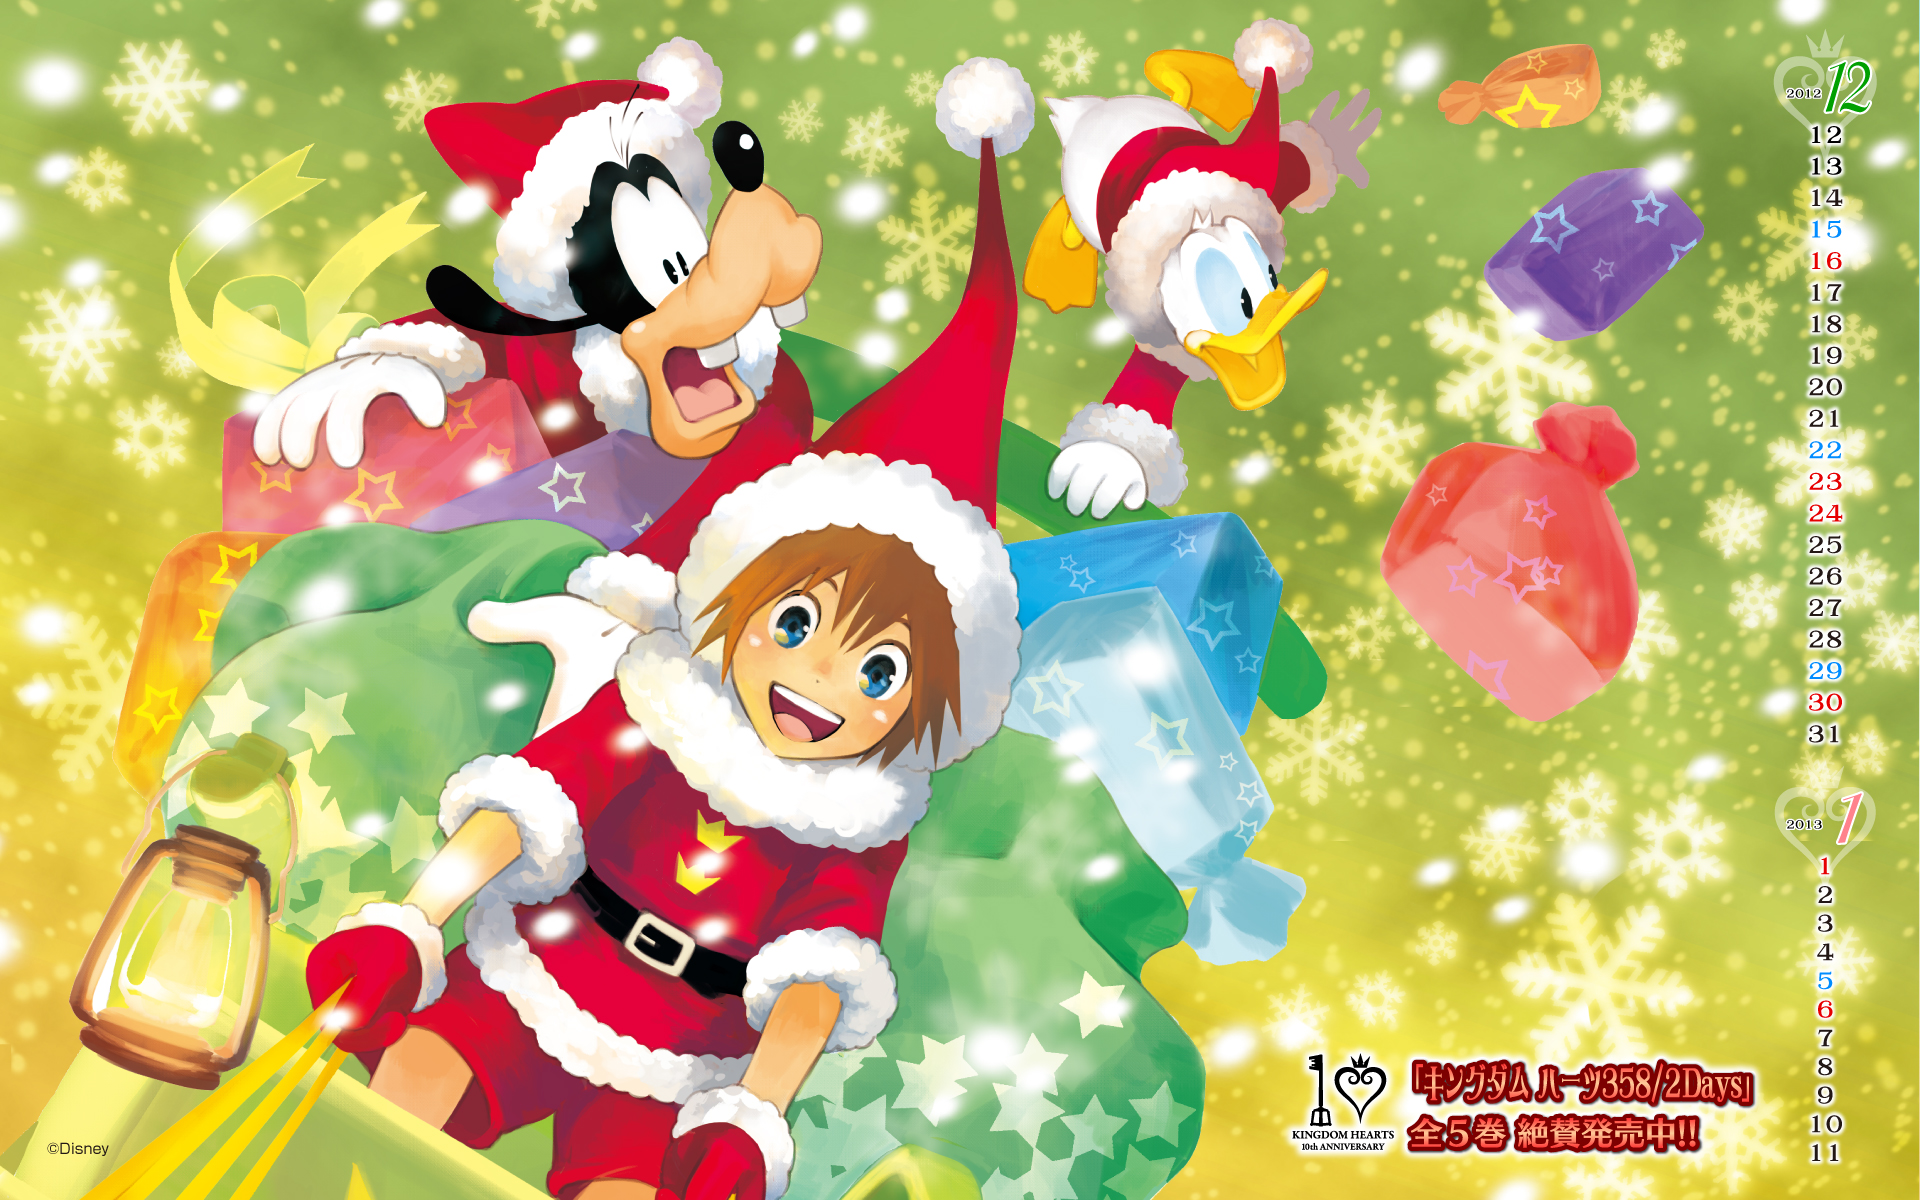 Kingdom Hearts Wallpaper #1812990 - Zerochan Anime Image Board